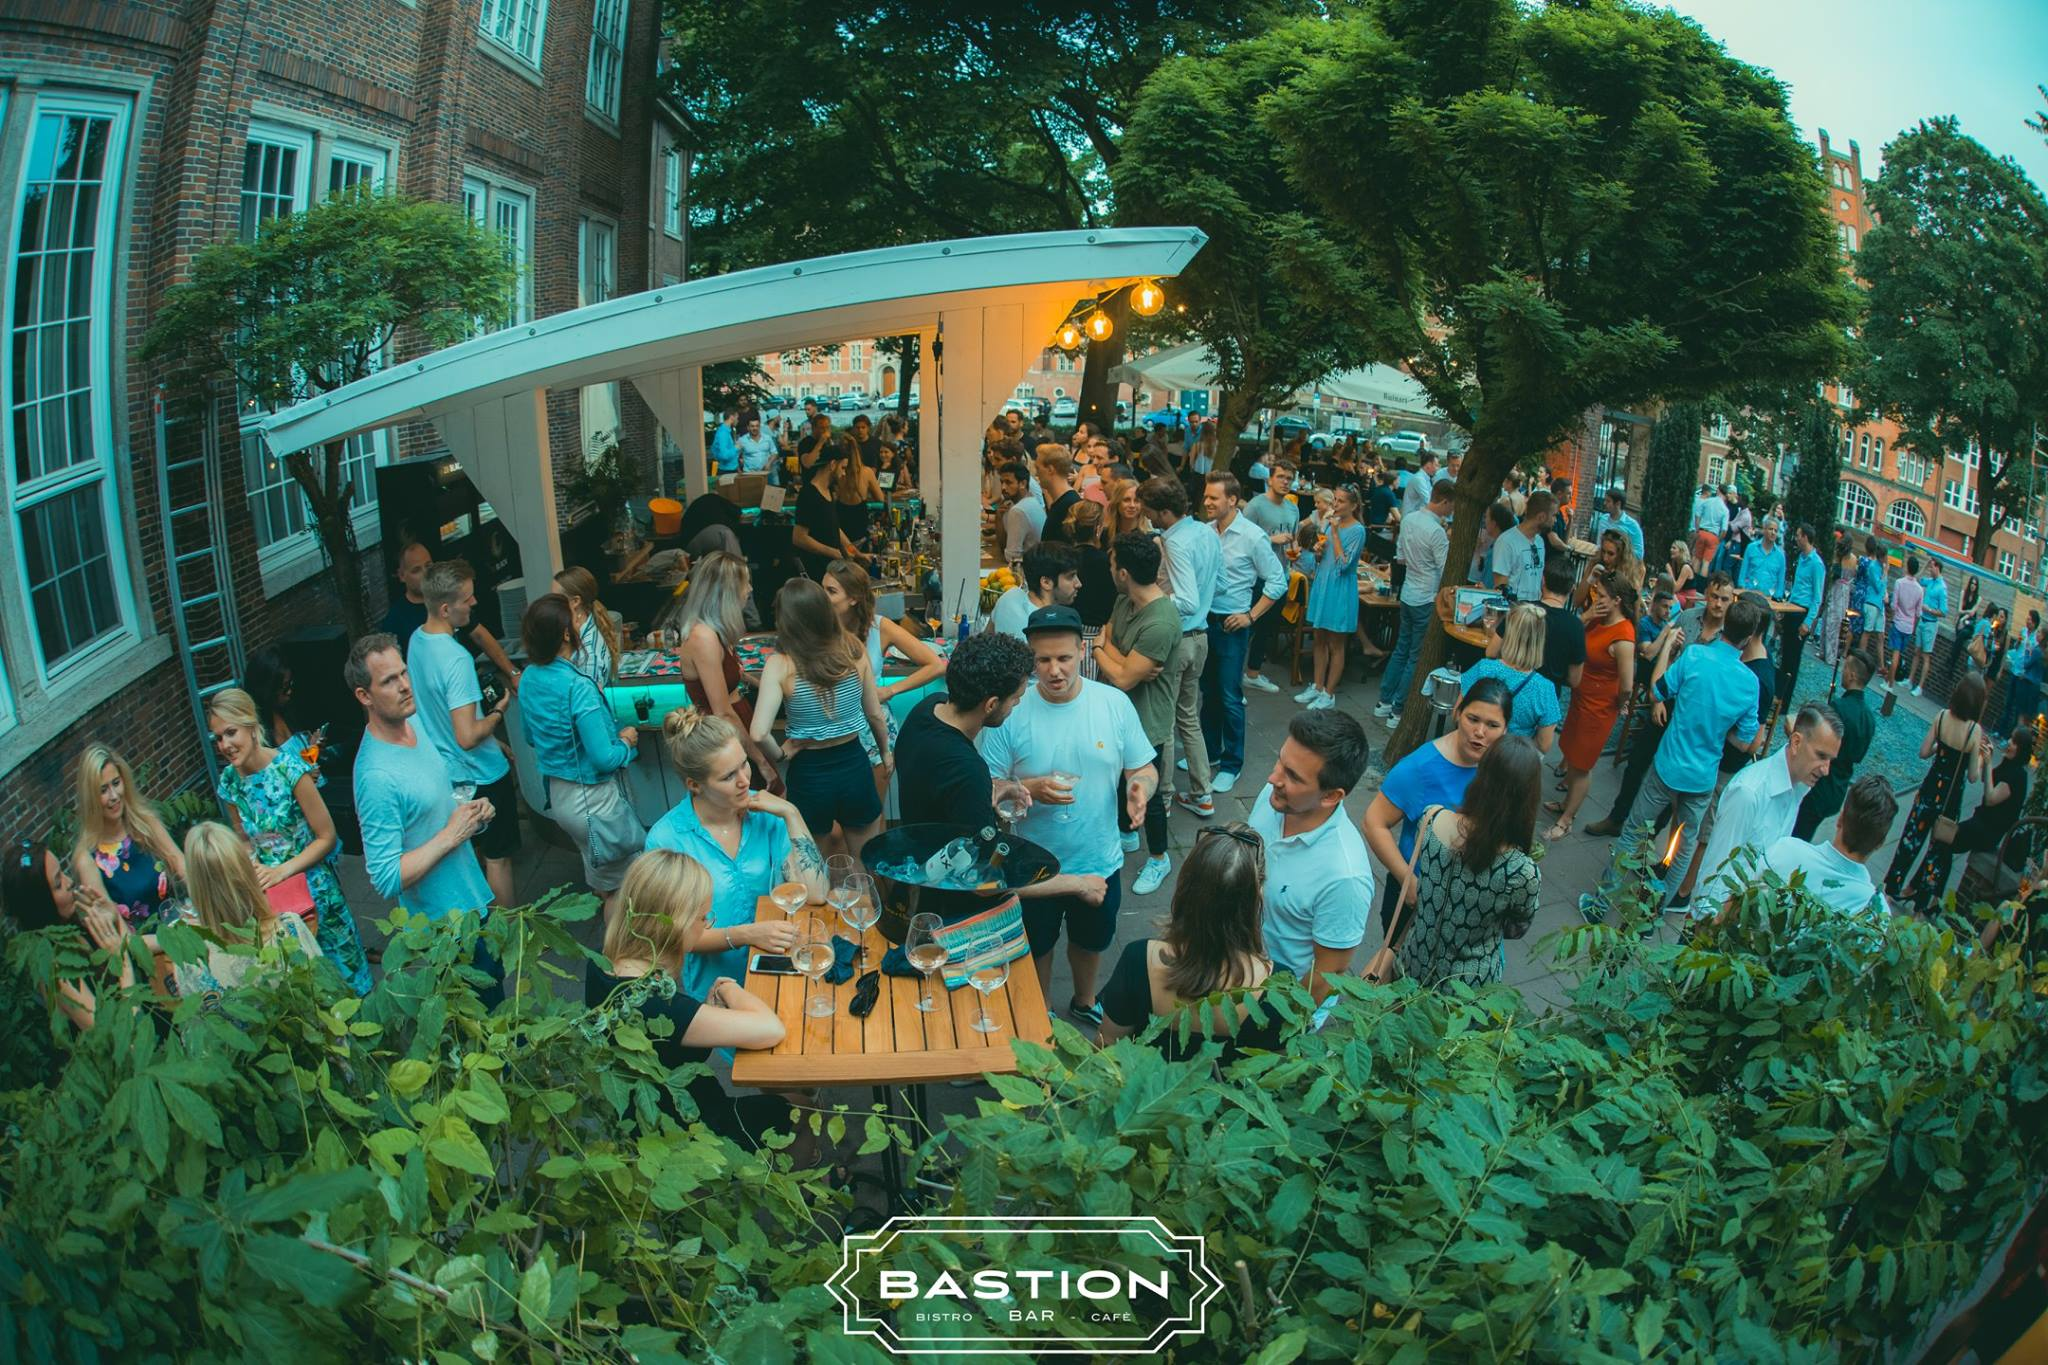 Das Bastion Open Air hat kühle Drinks & leckere Food Specials für dich dabei!